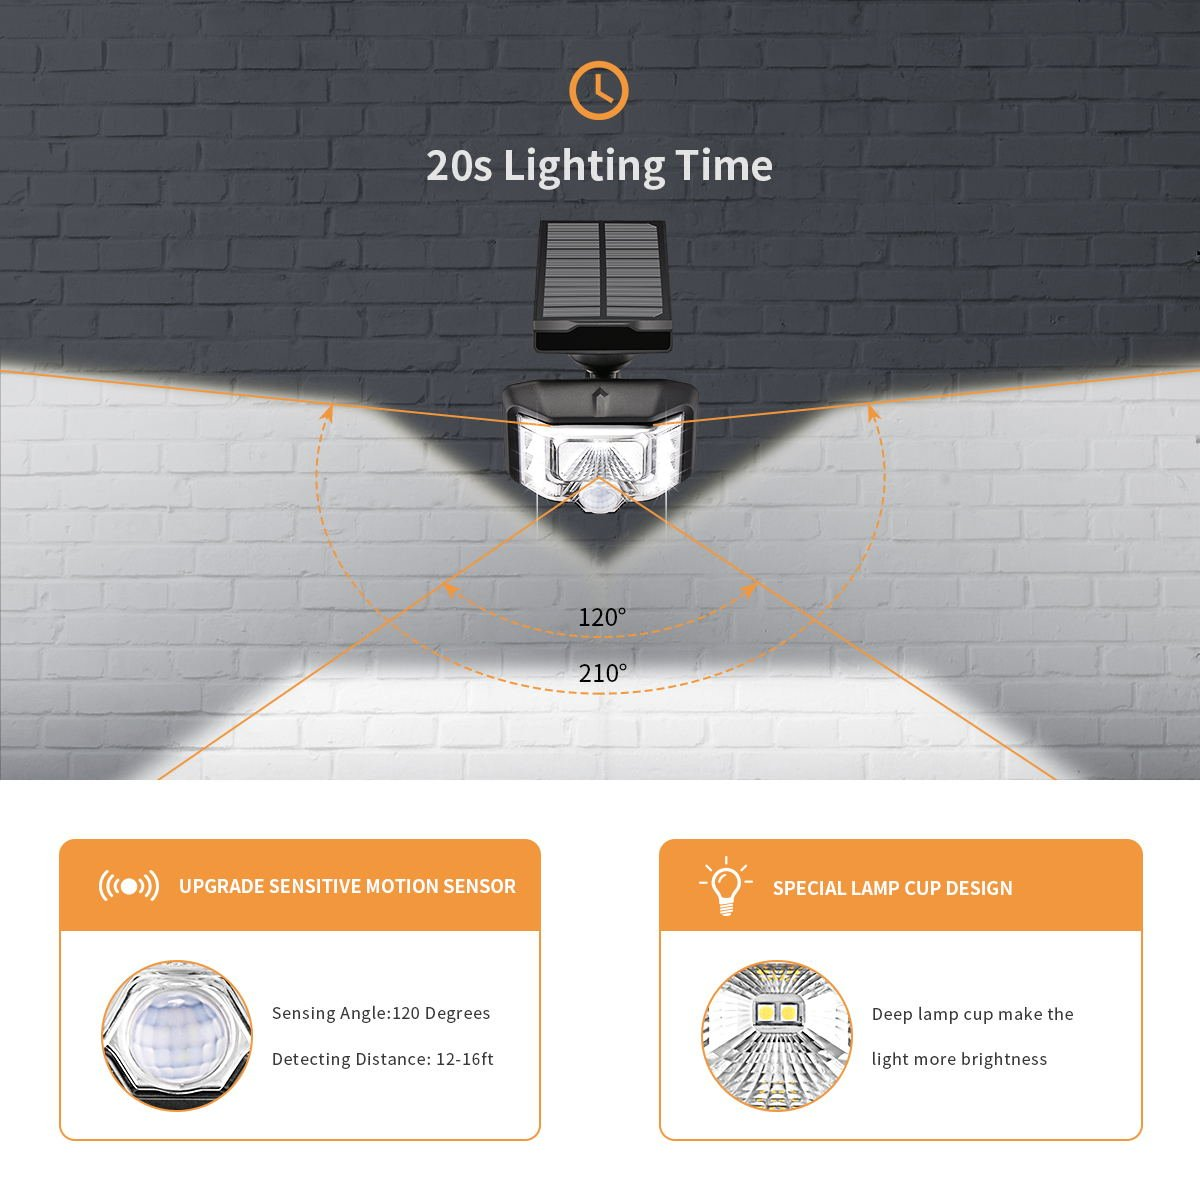 Luces Solares para Exteriores Sunix, Luz con Sensor de Movimiento 8 LEDs de energía solar con Iluminación de gran ángulo, Luces Solares Impermeables IP65 ...